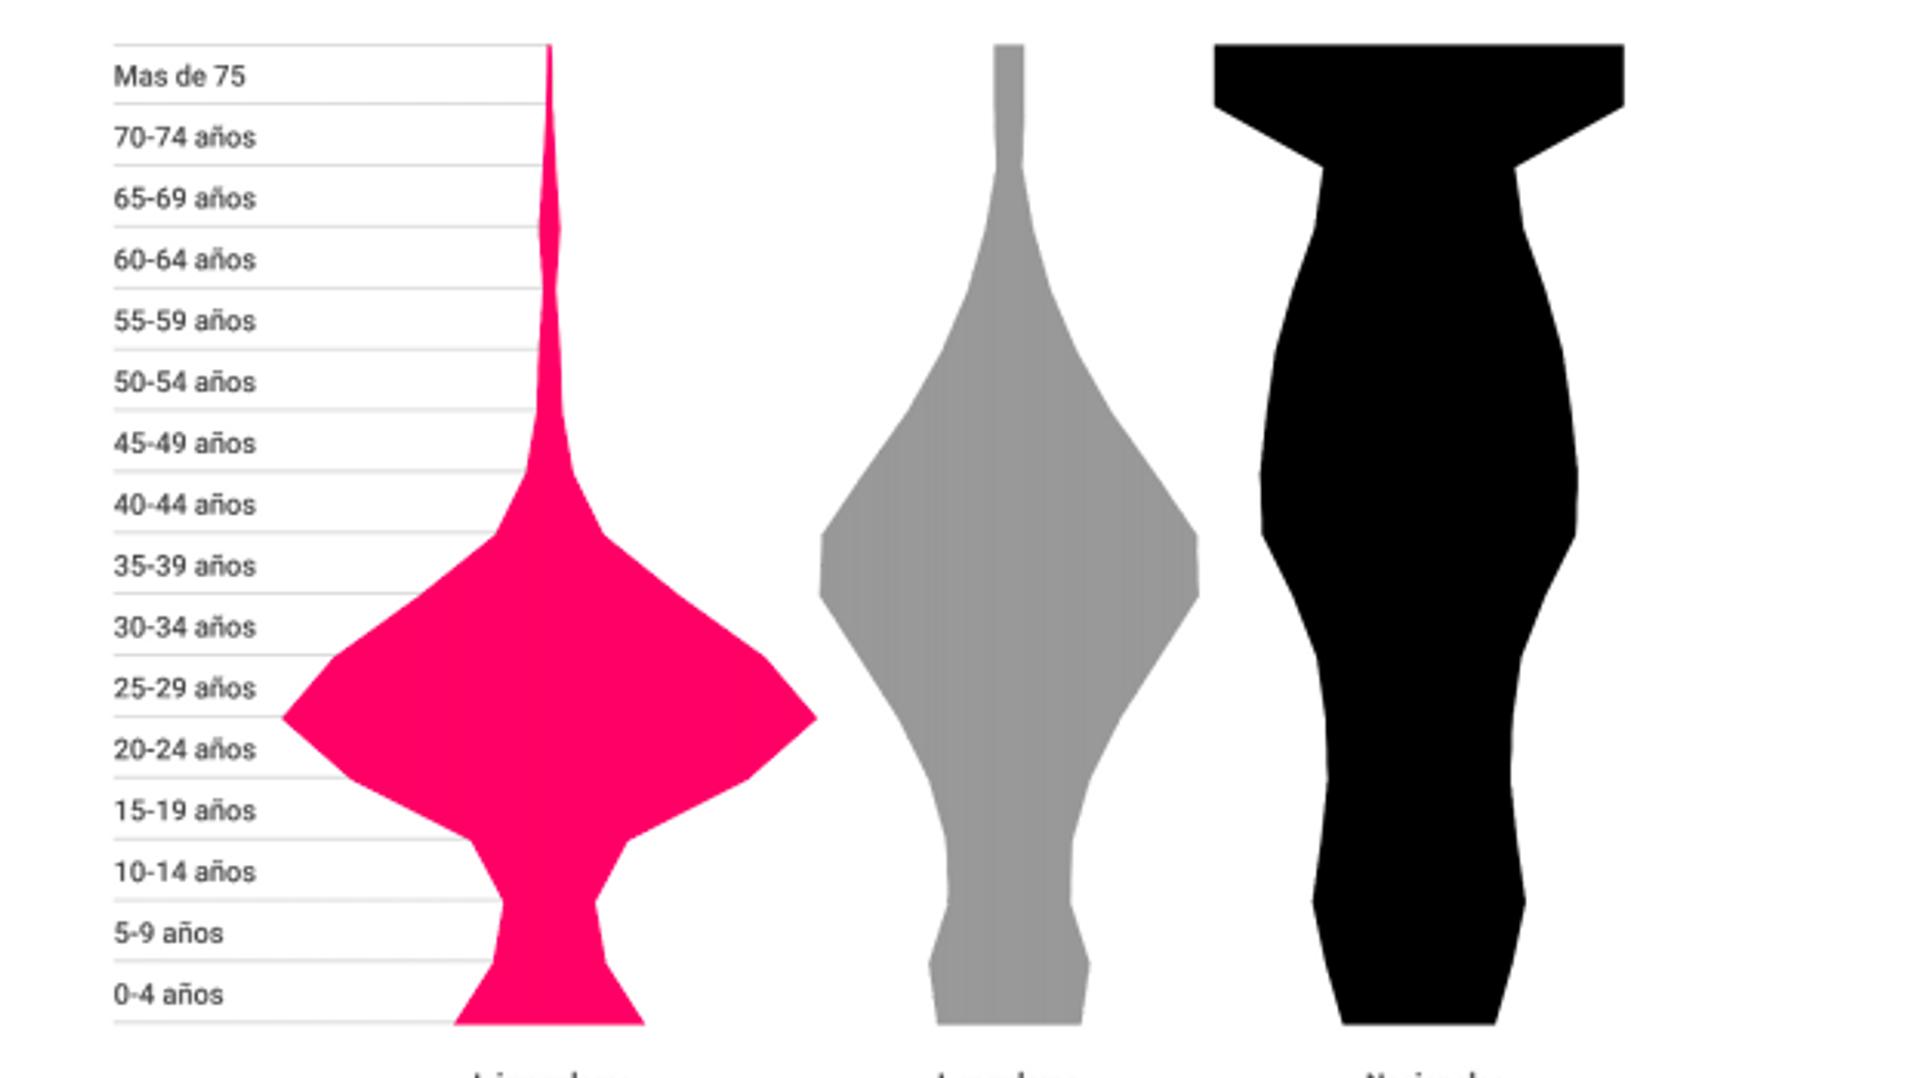 Distribución por edad de los diferentes grupos de población - Sputnik Mundo, 1920, 19.05.2021